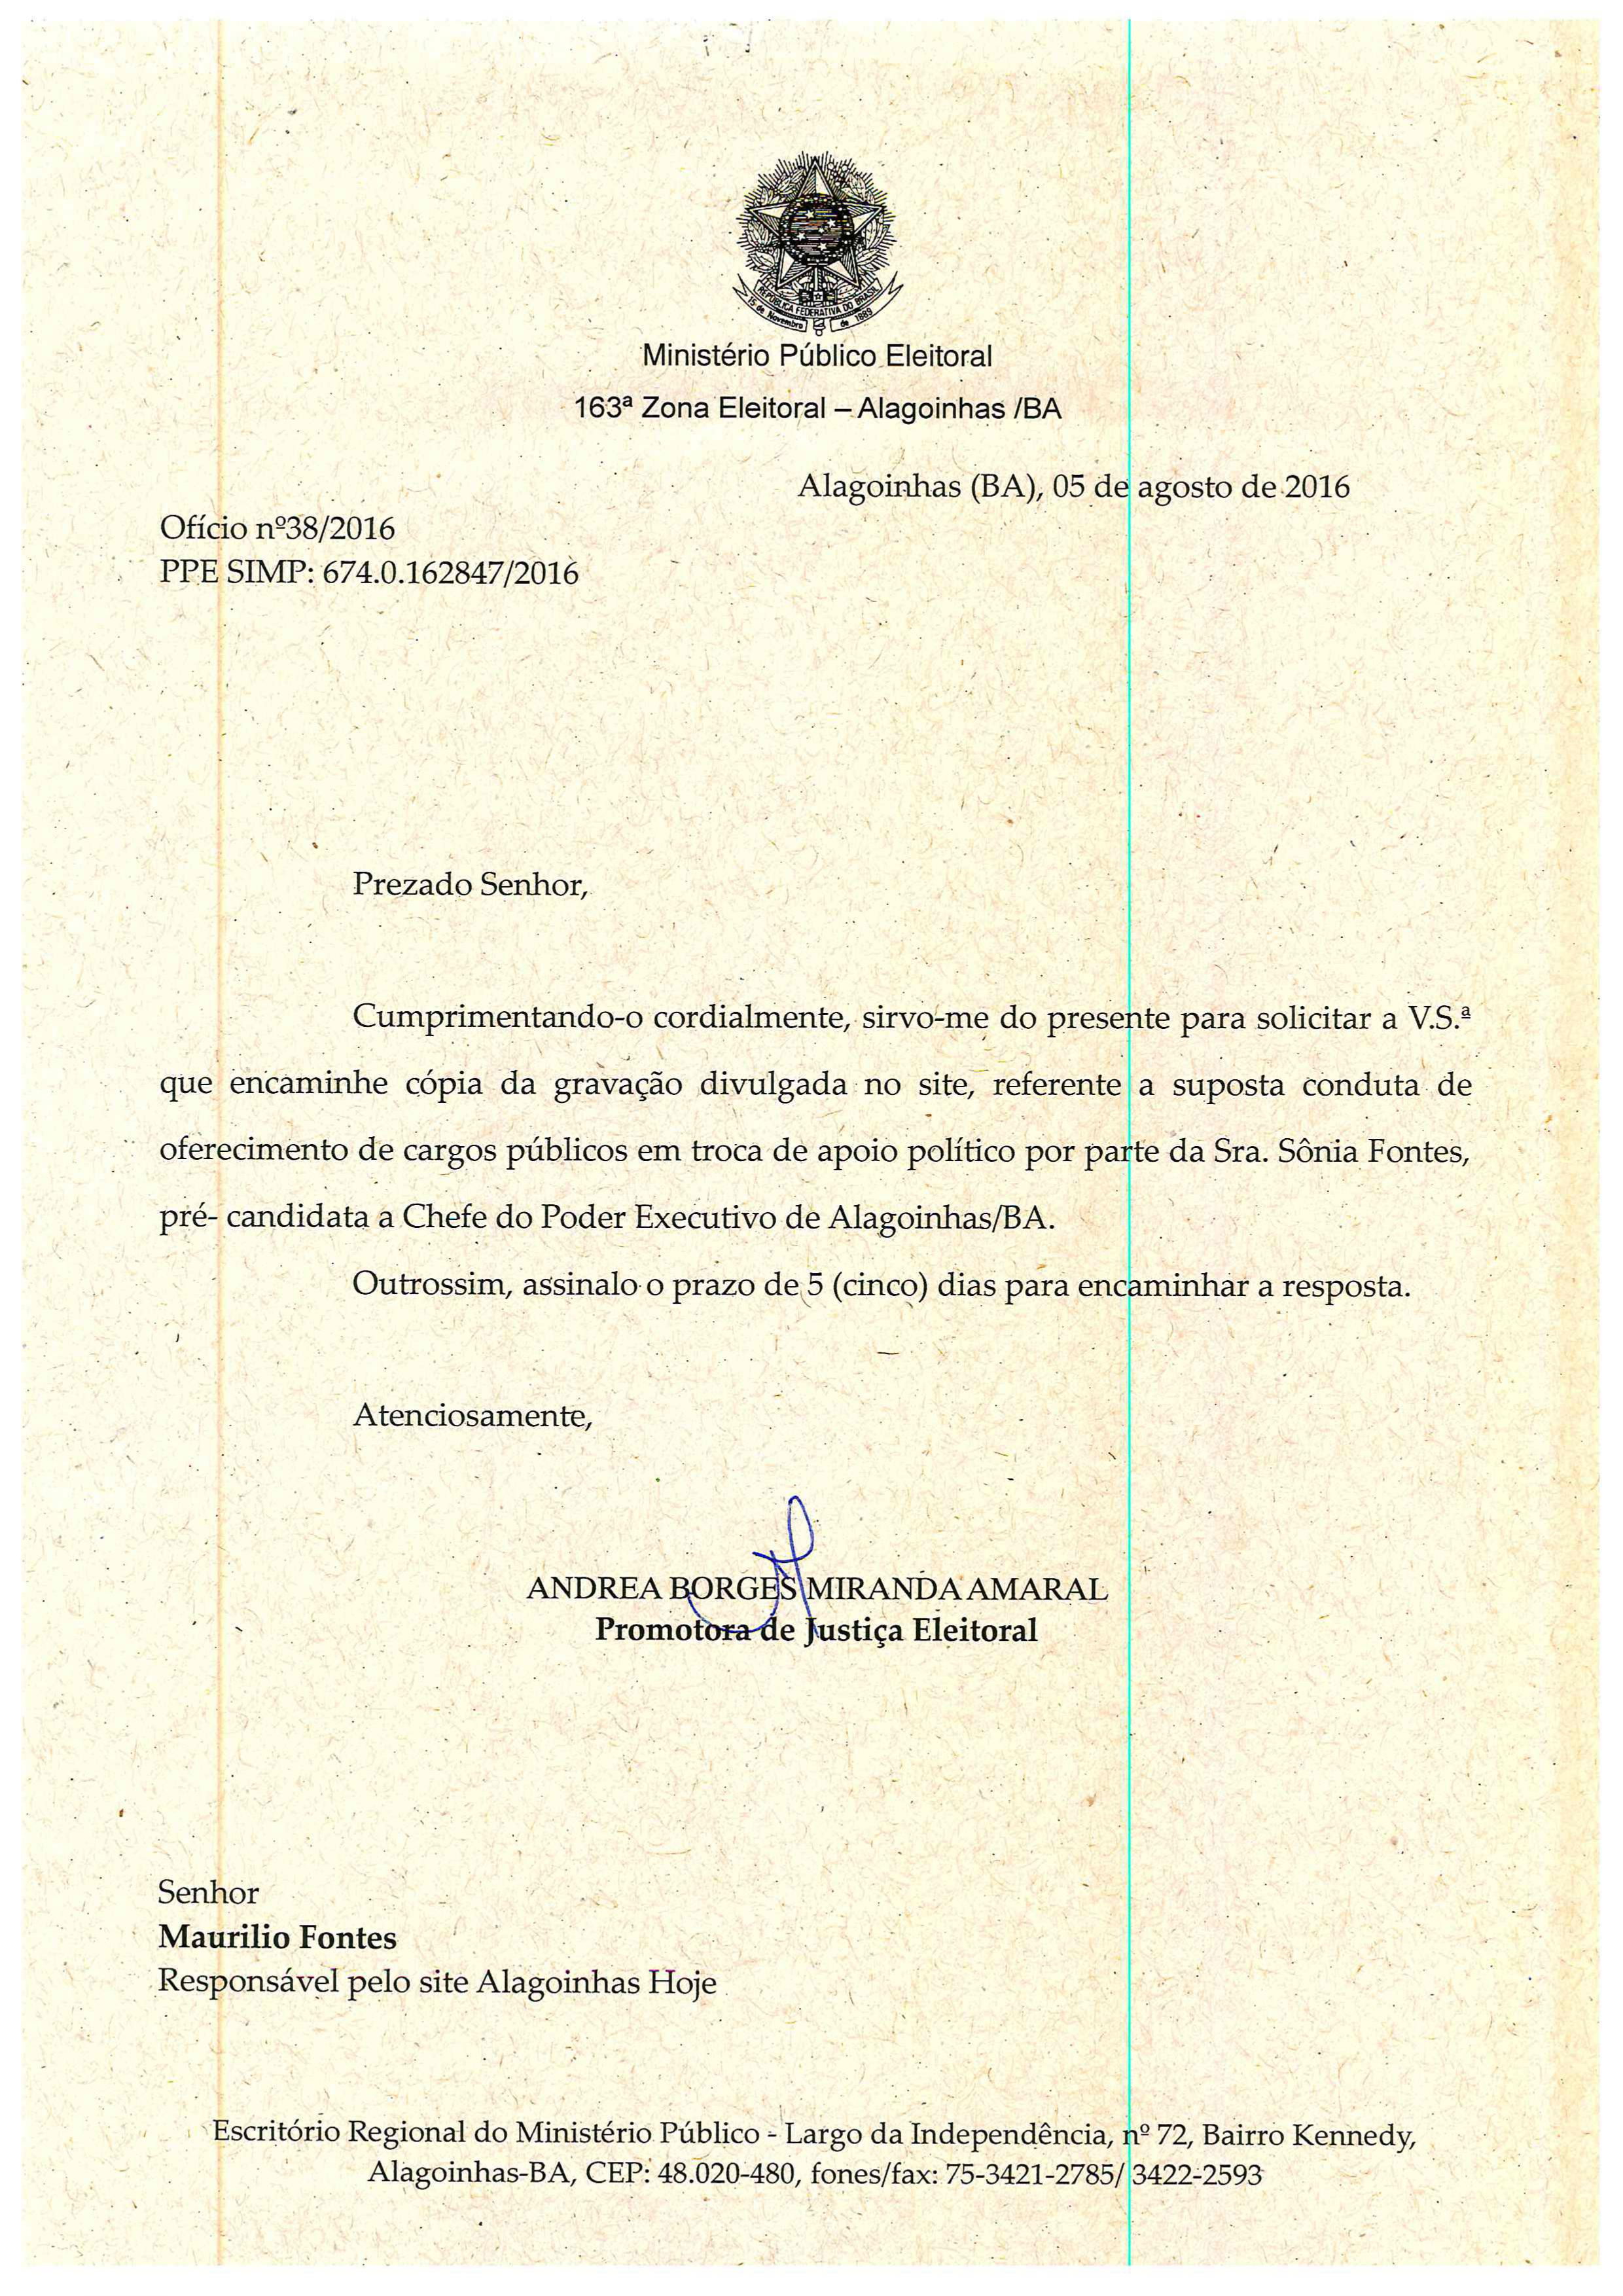 Ofício MPE Bahia - Alagoinhas Hoje